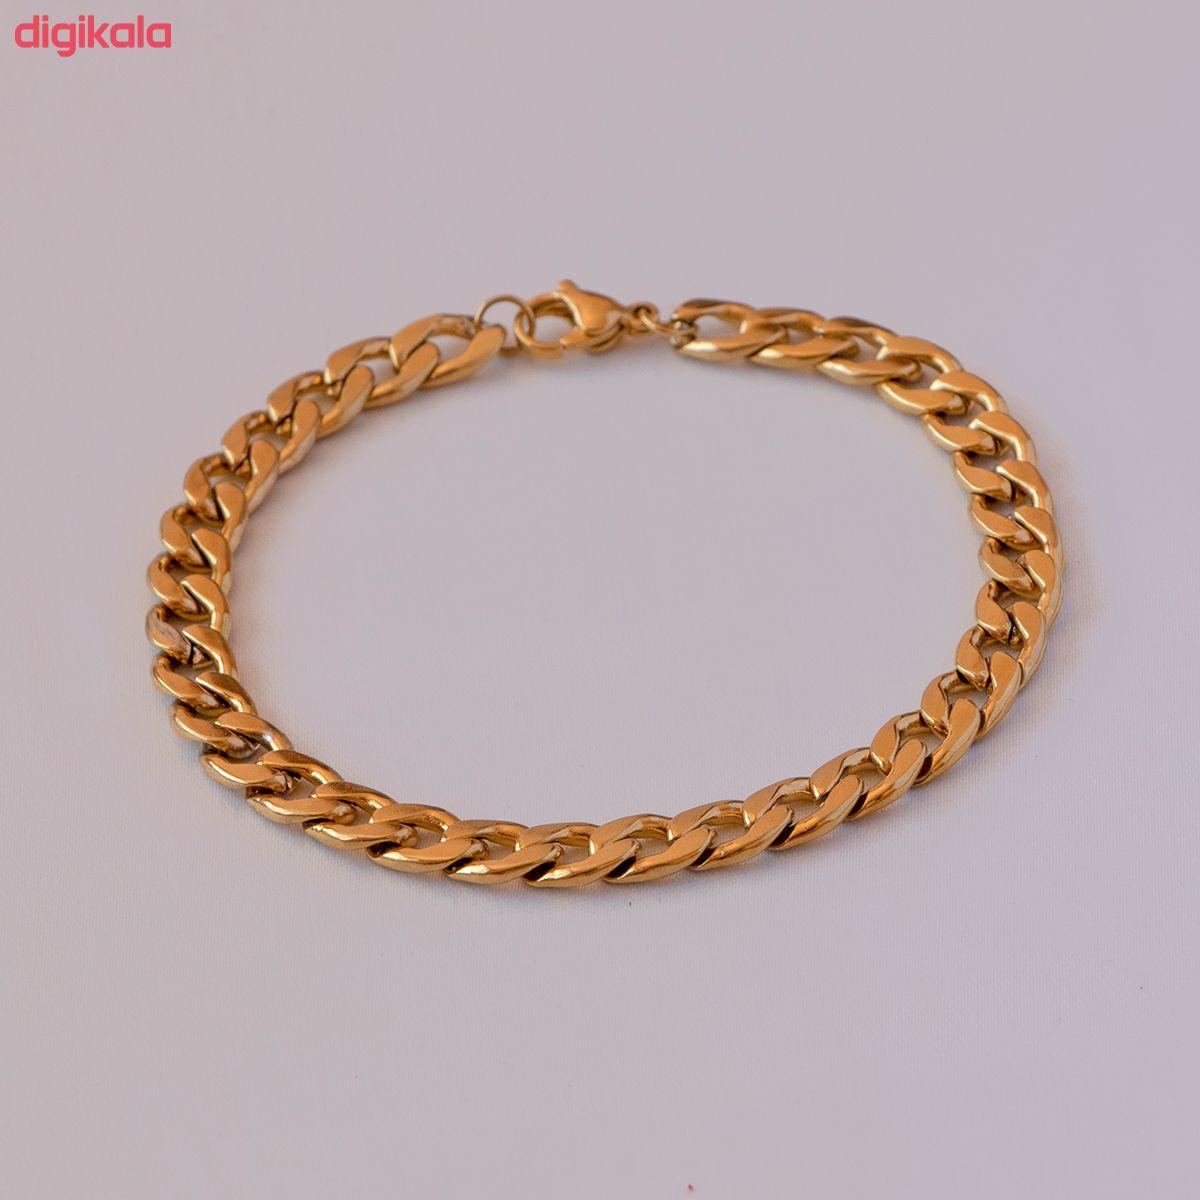 دستبند کد dd145 main 1 2